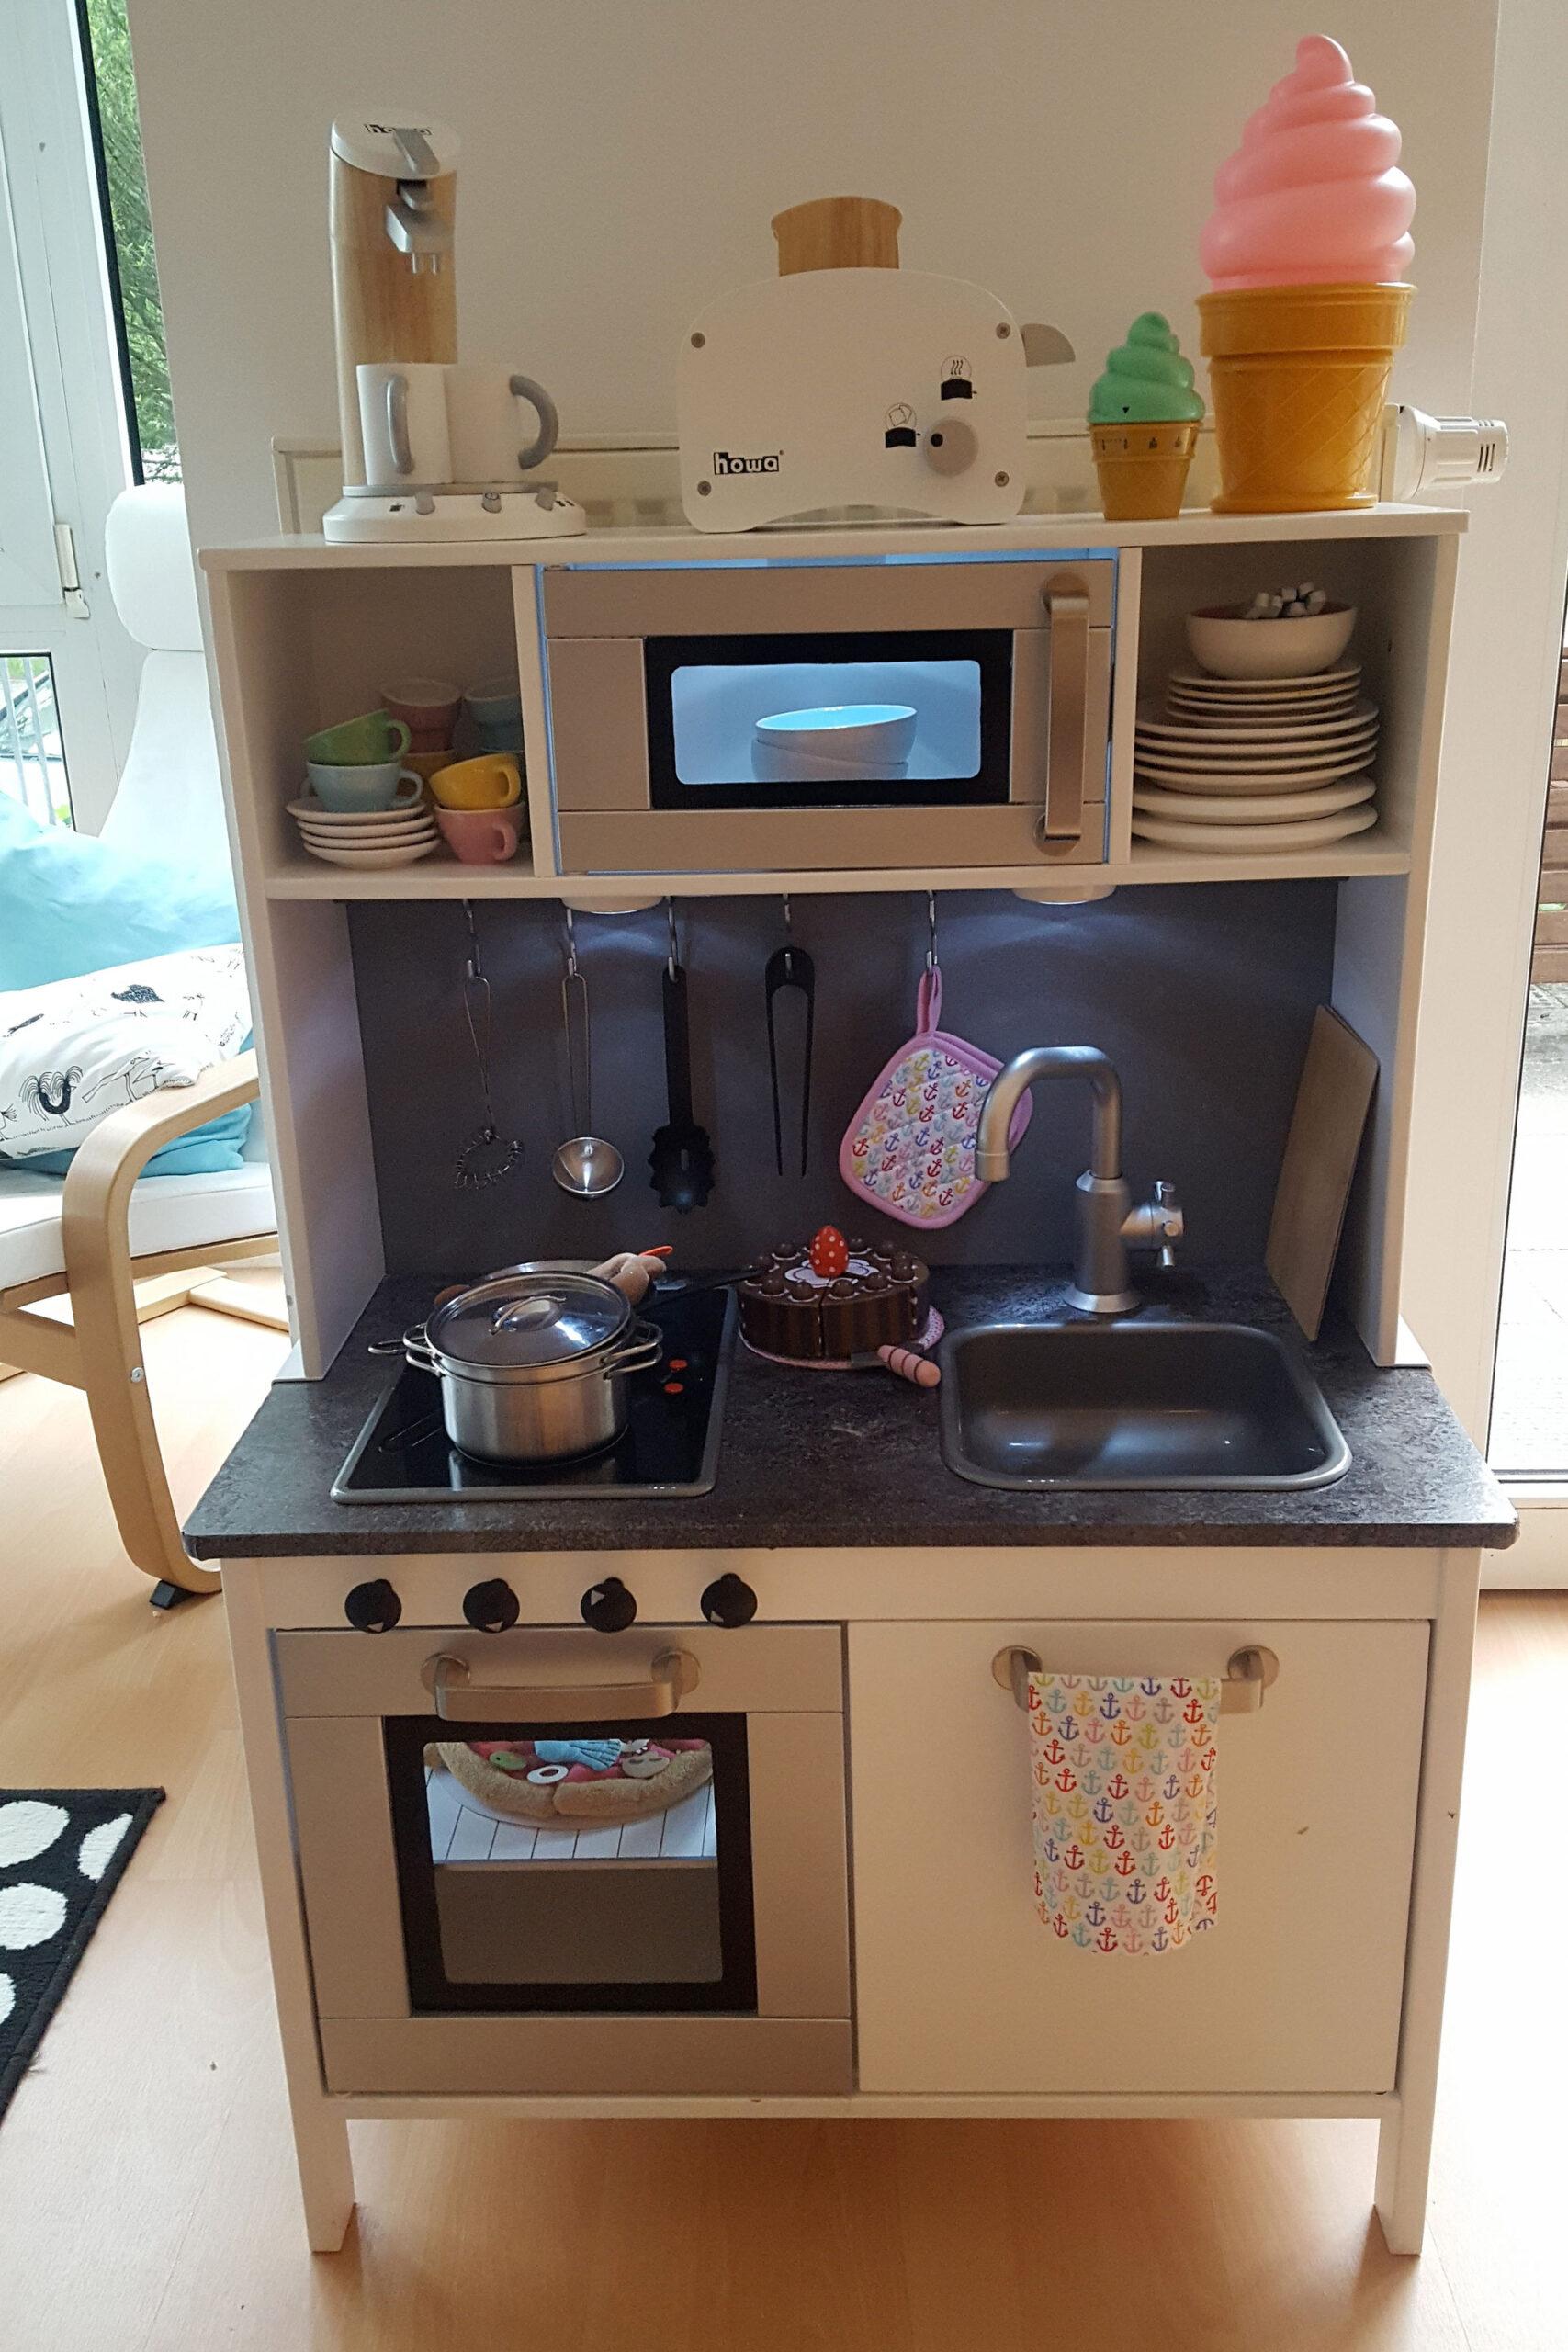 Full Size of Ikea Värde Miniküche Mit Kühlschrank Küche Kosten Betten Bei Sofa Schlaffunktion Modulküche 160x200 Stengel Kaufen Wohnzimmer Ikea Värde Miniküche